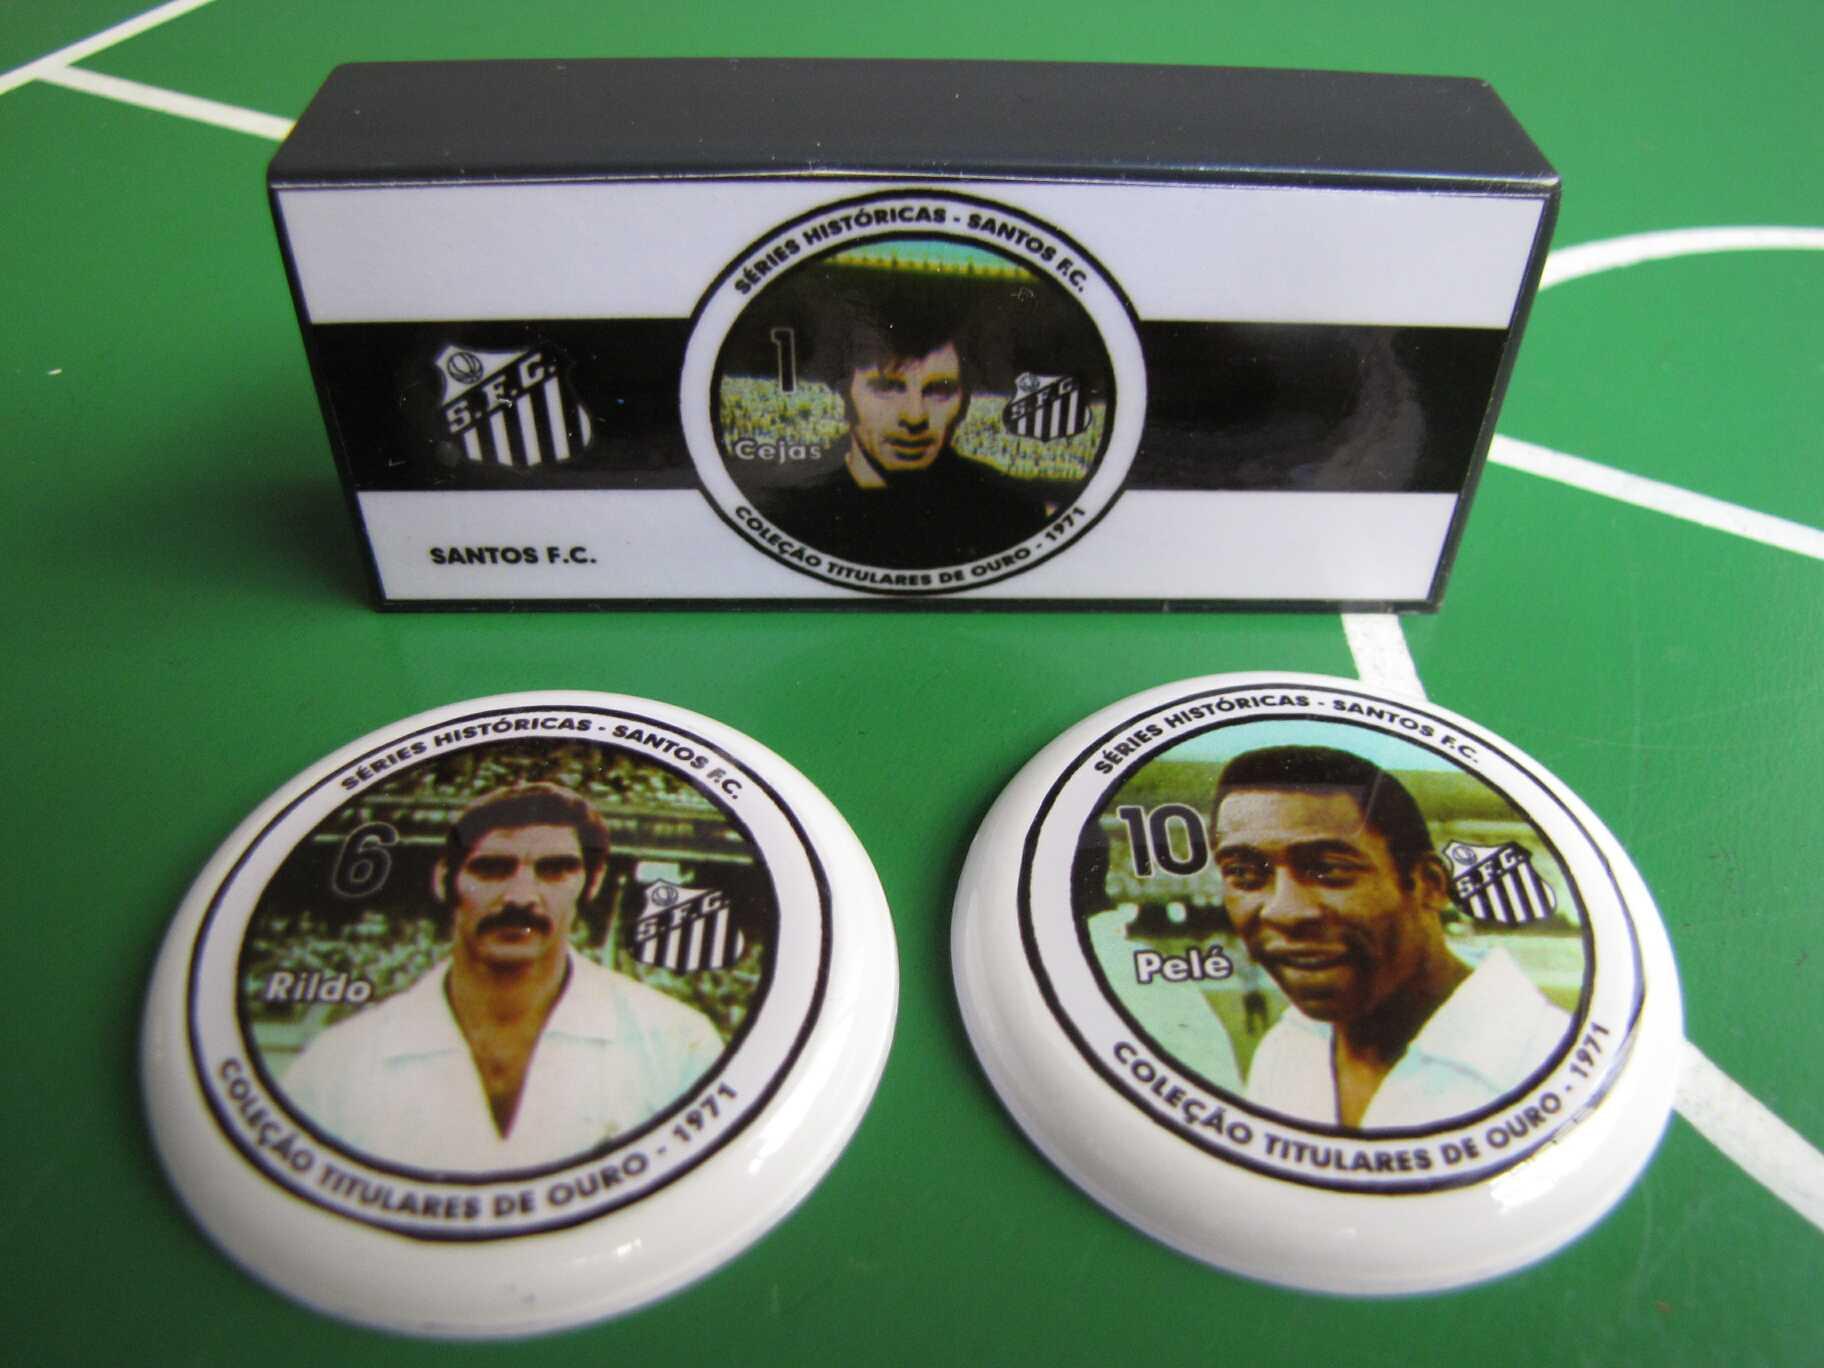 Coleção Titulares de Ouro - 1971 - Santos